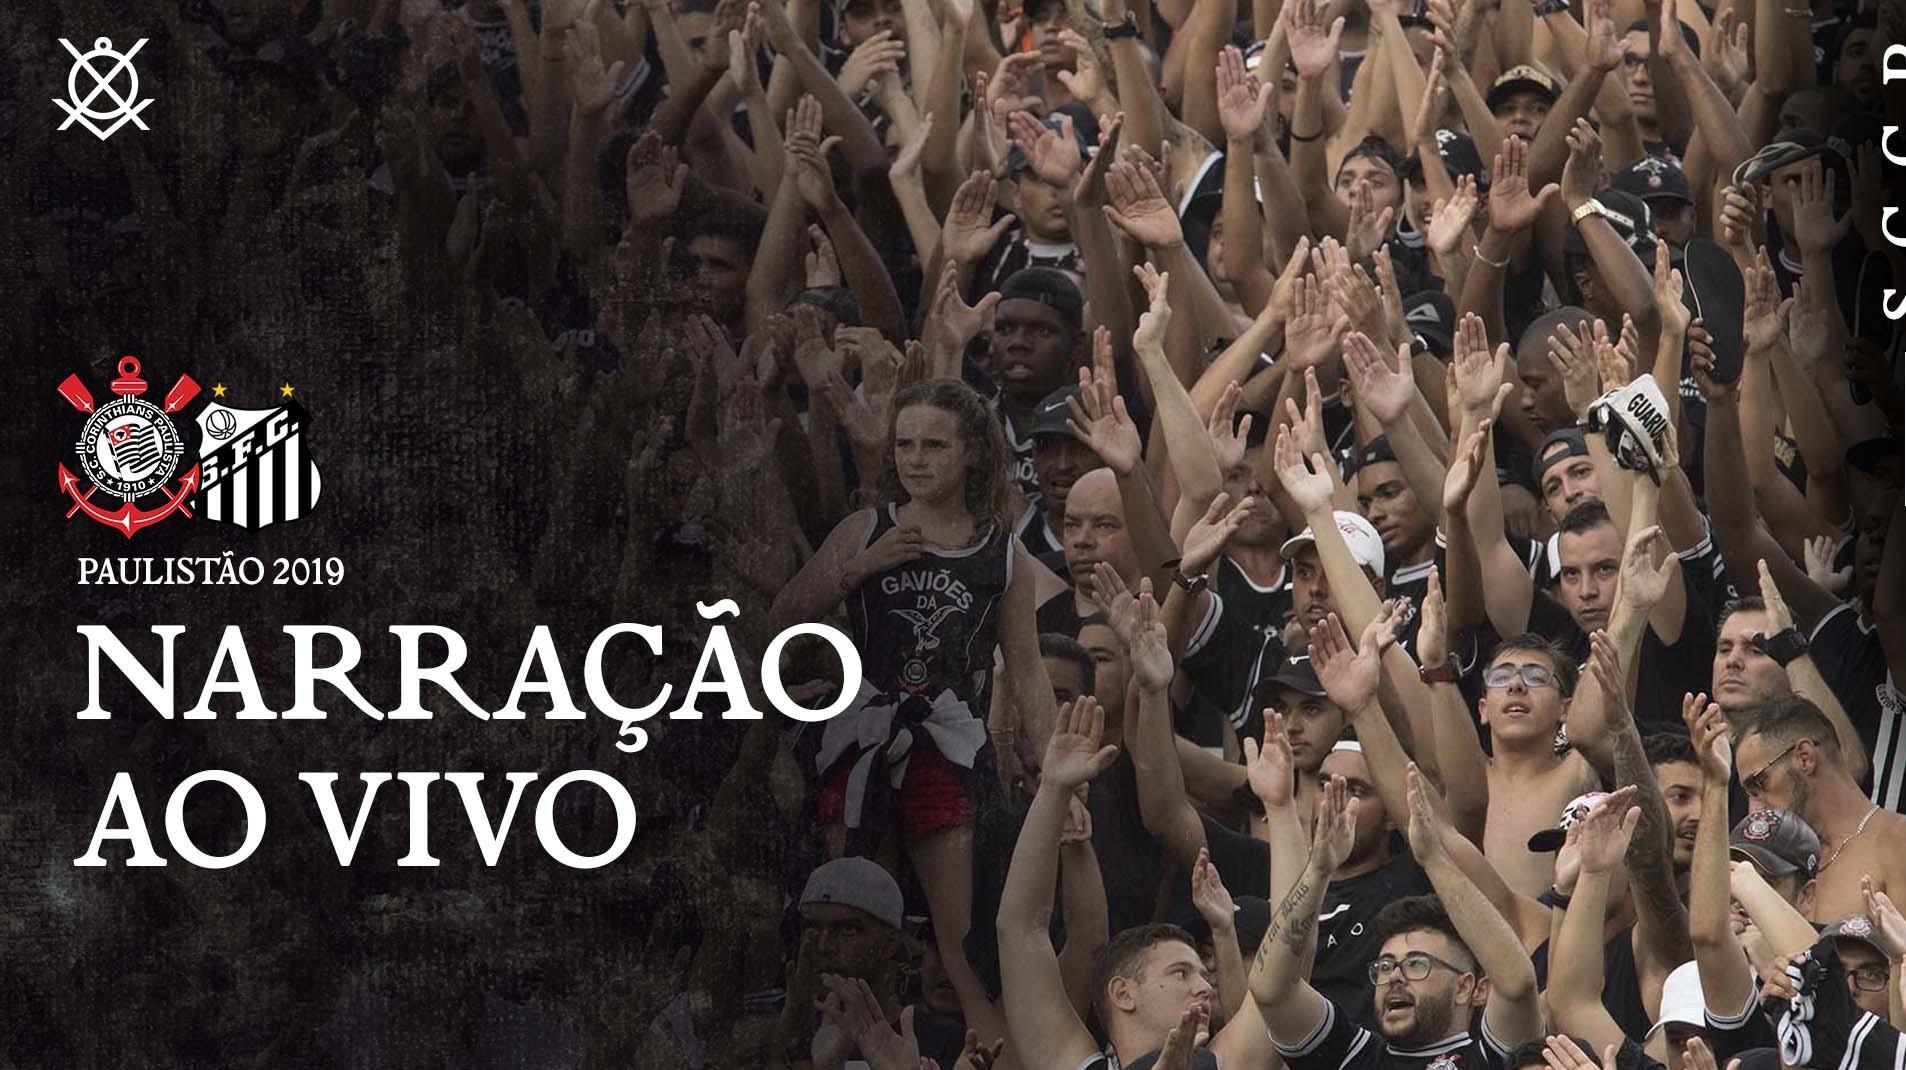 Narração Corinthians vs Santos - Campeonato Paulista